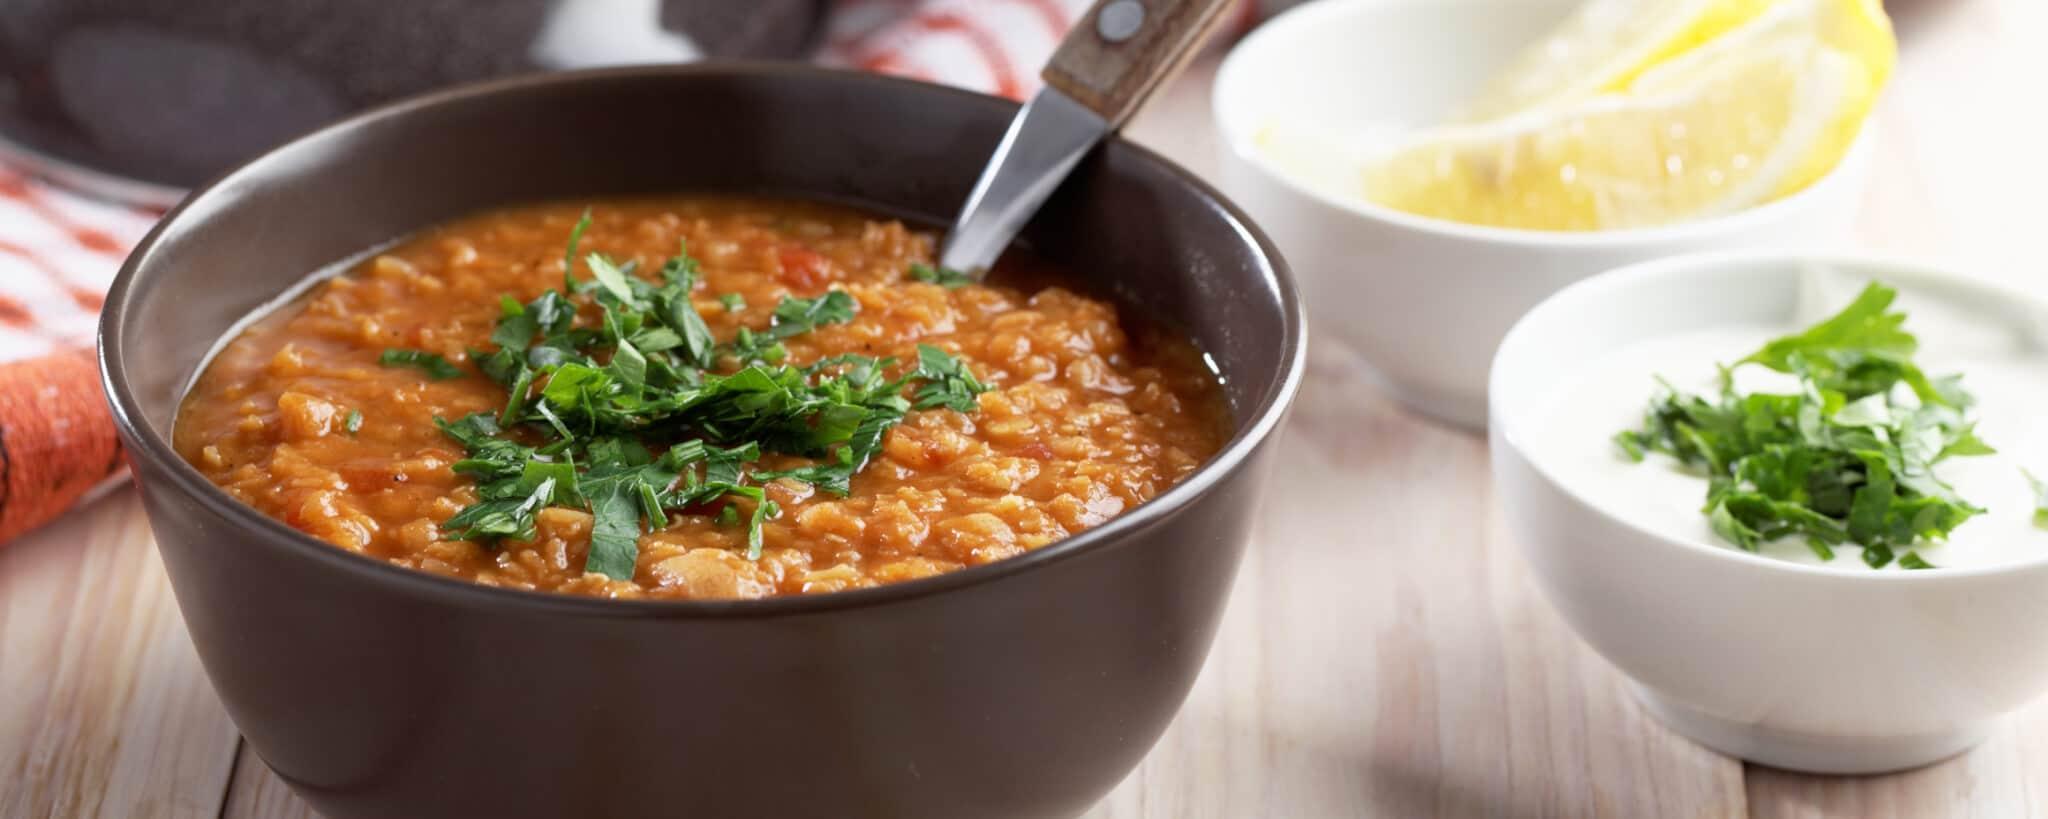 Soupe de lentille surmontée de coriandre dans un bol gris foncé, et accompagnée d'un ramequin de yaourt grec et d'un ramequin de quarts de citron